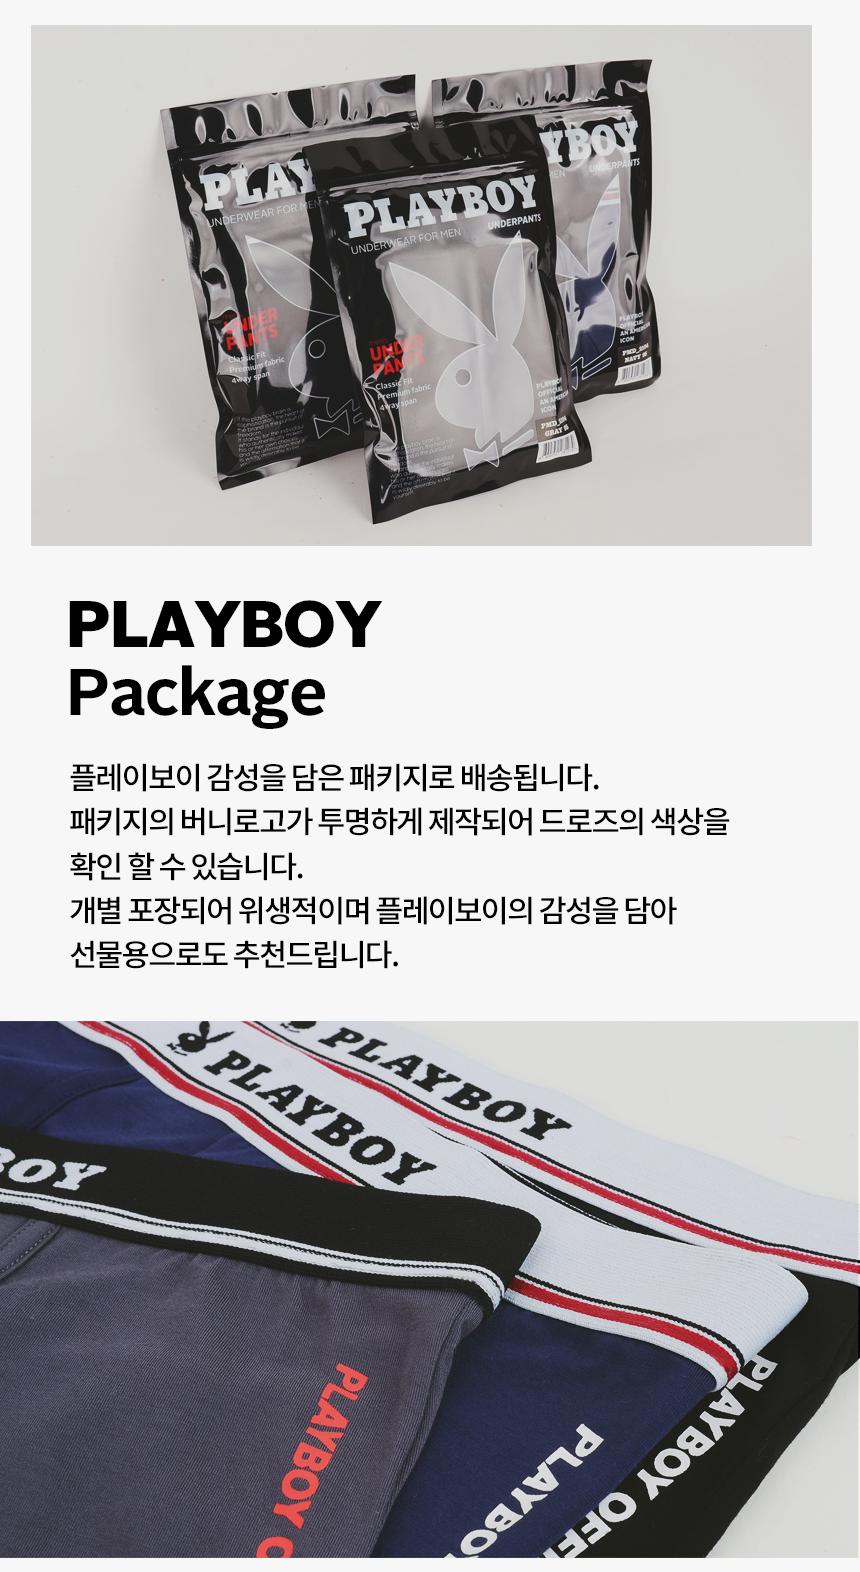 플레이보이(PLAYBOY) 레이온 남성 오피셜 드로즈 네이비 1매입 PMD2104-NV